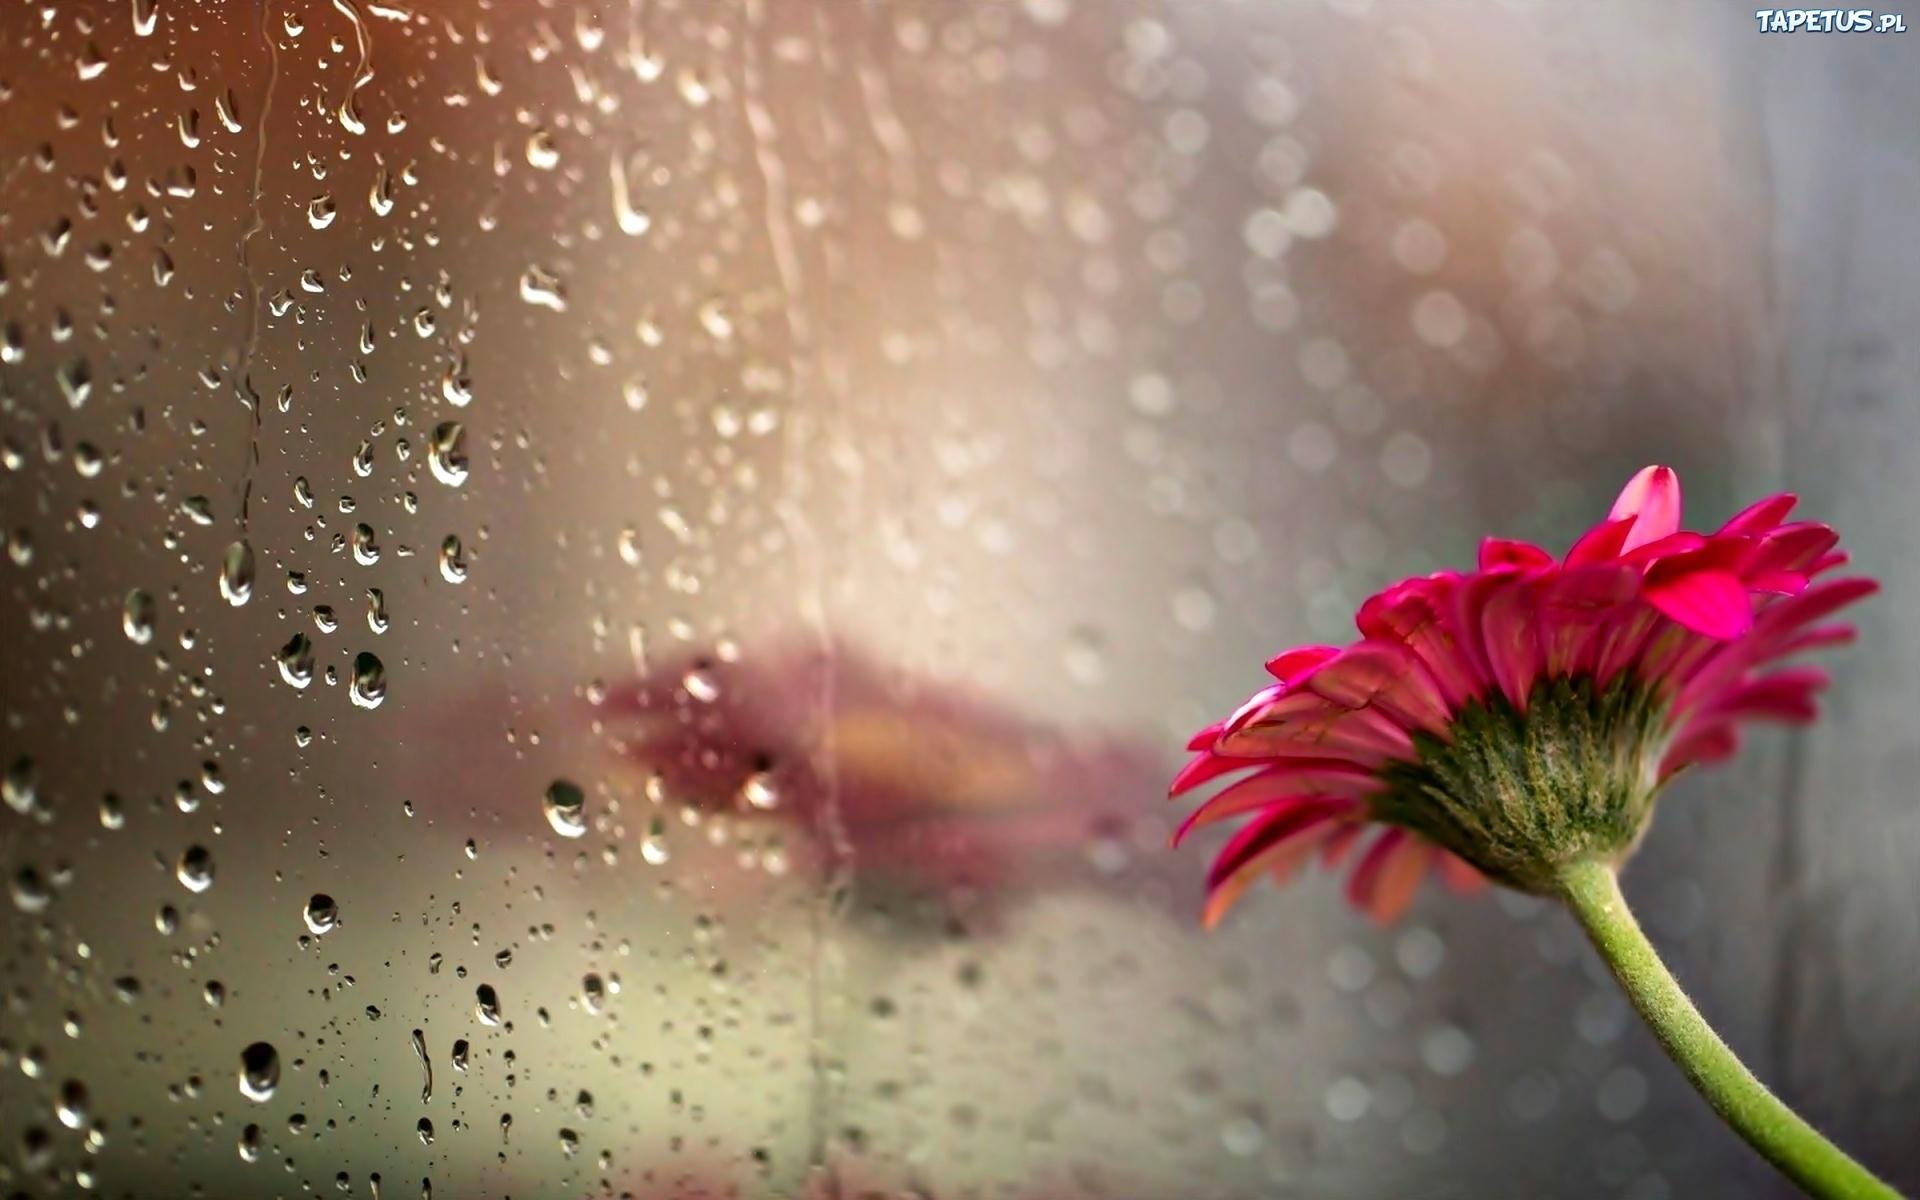 rain showers background summer - photo #6